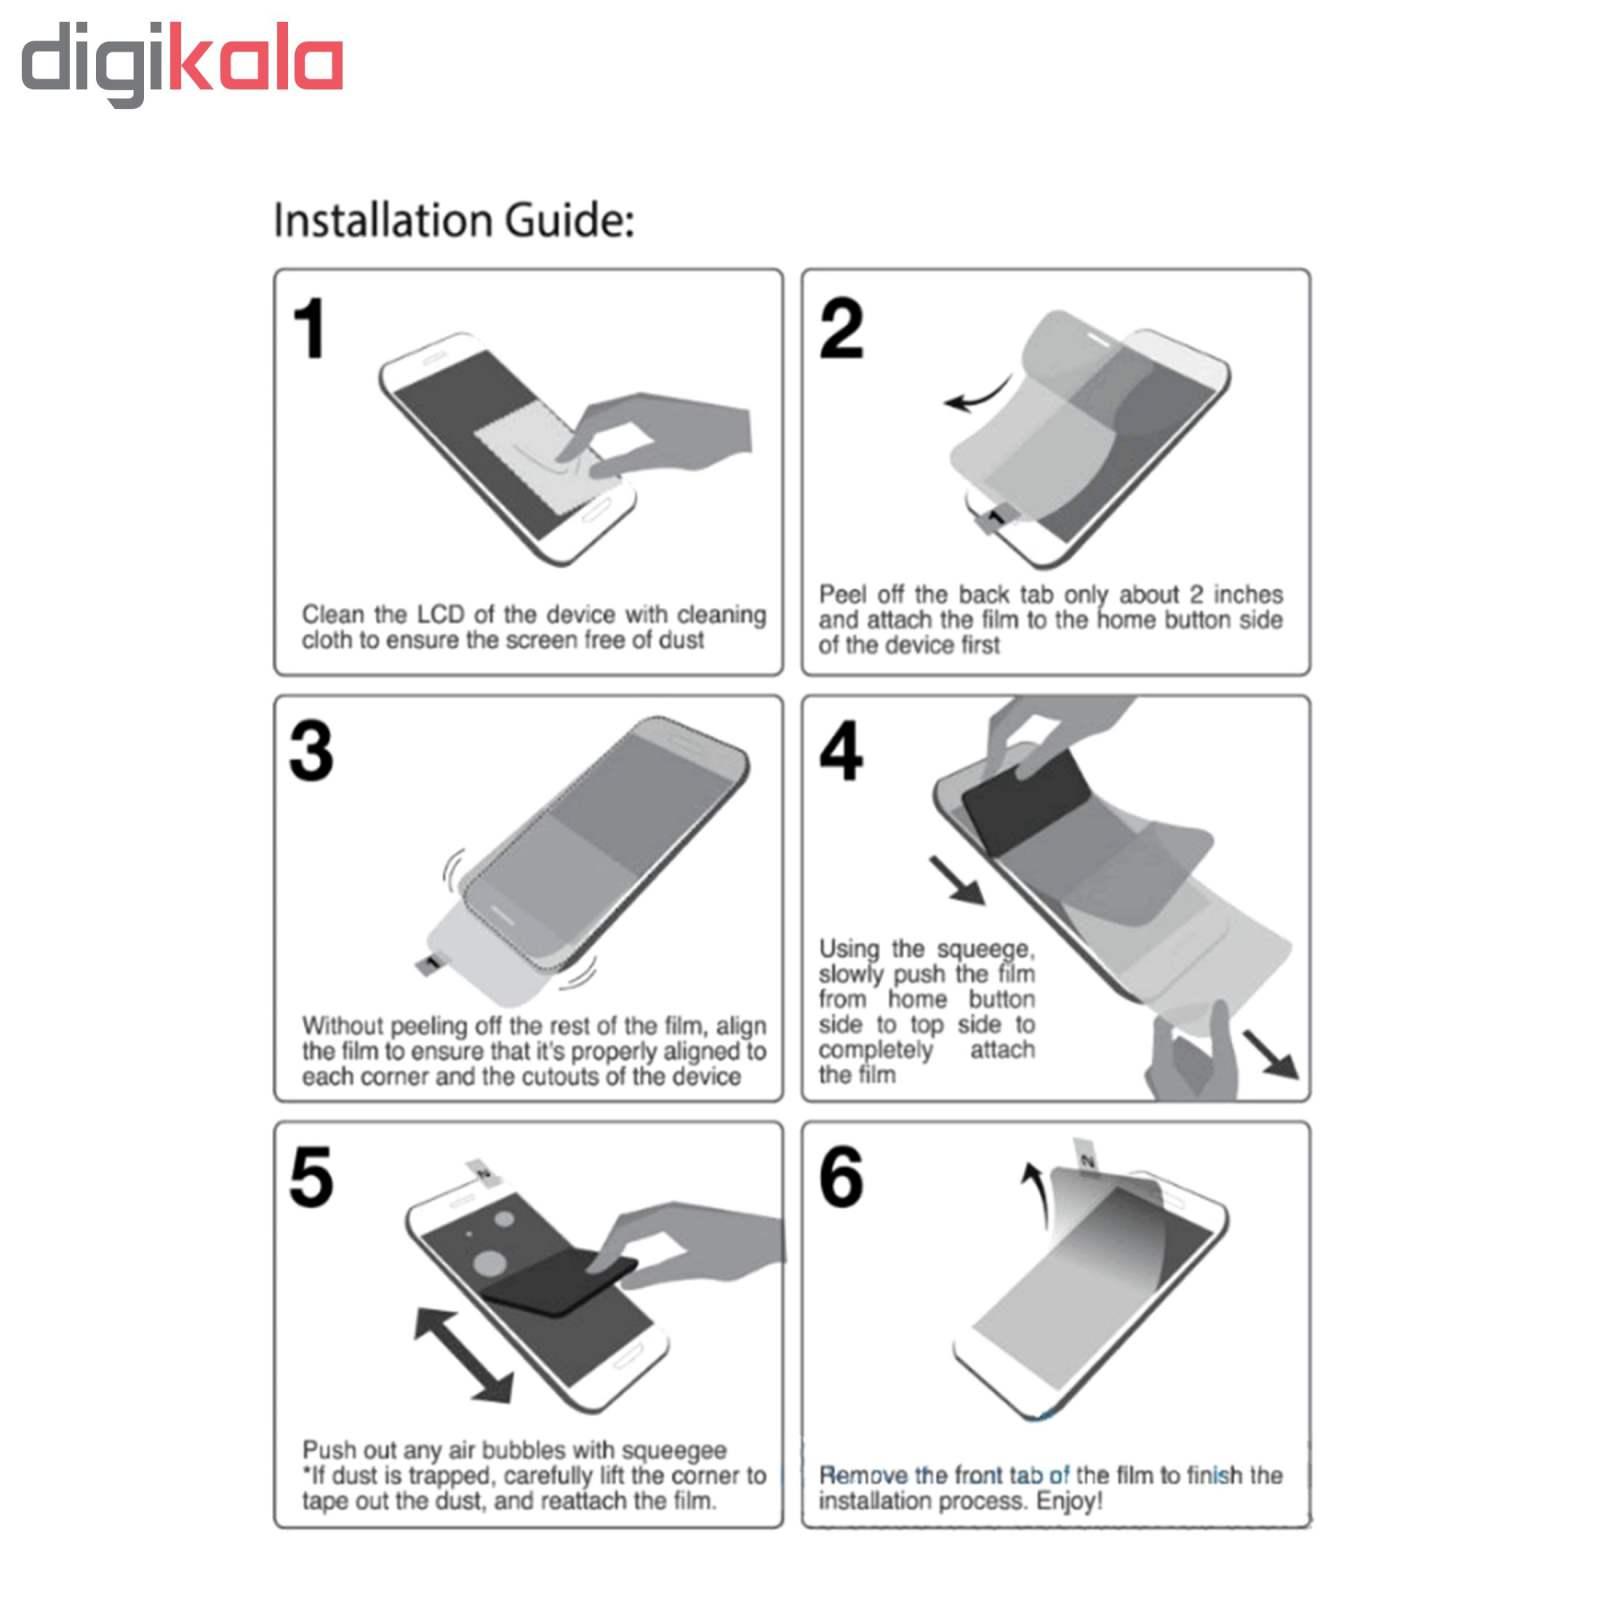 محافظ صفحه نمایش hard and thick مدل F-001 مناسب برای گوشی موبایل سامسونگ Galaxy M20 بسته دو عددی main 1 8